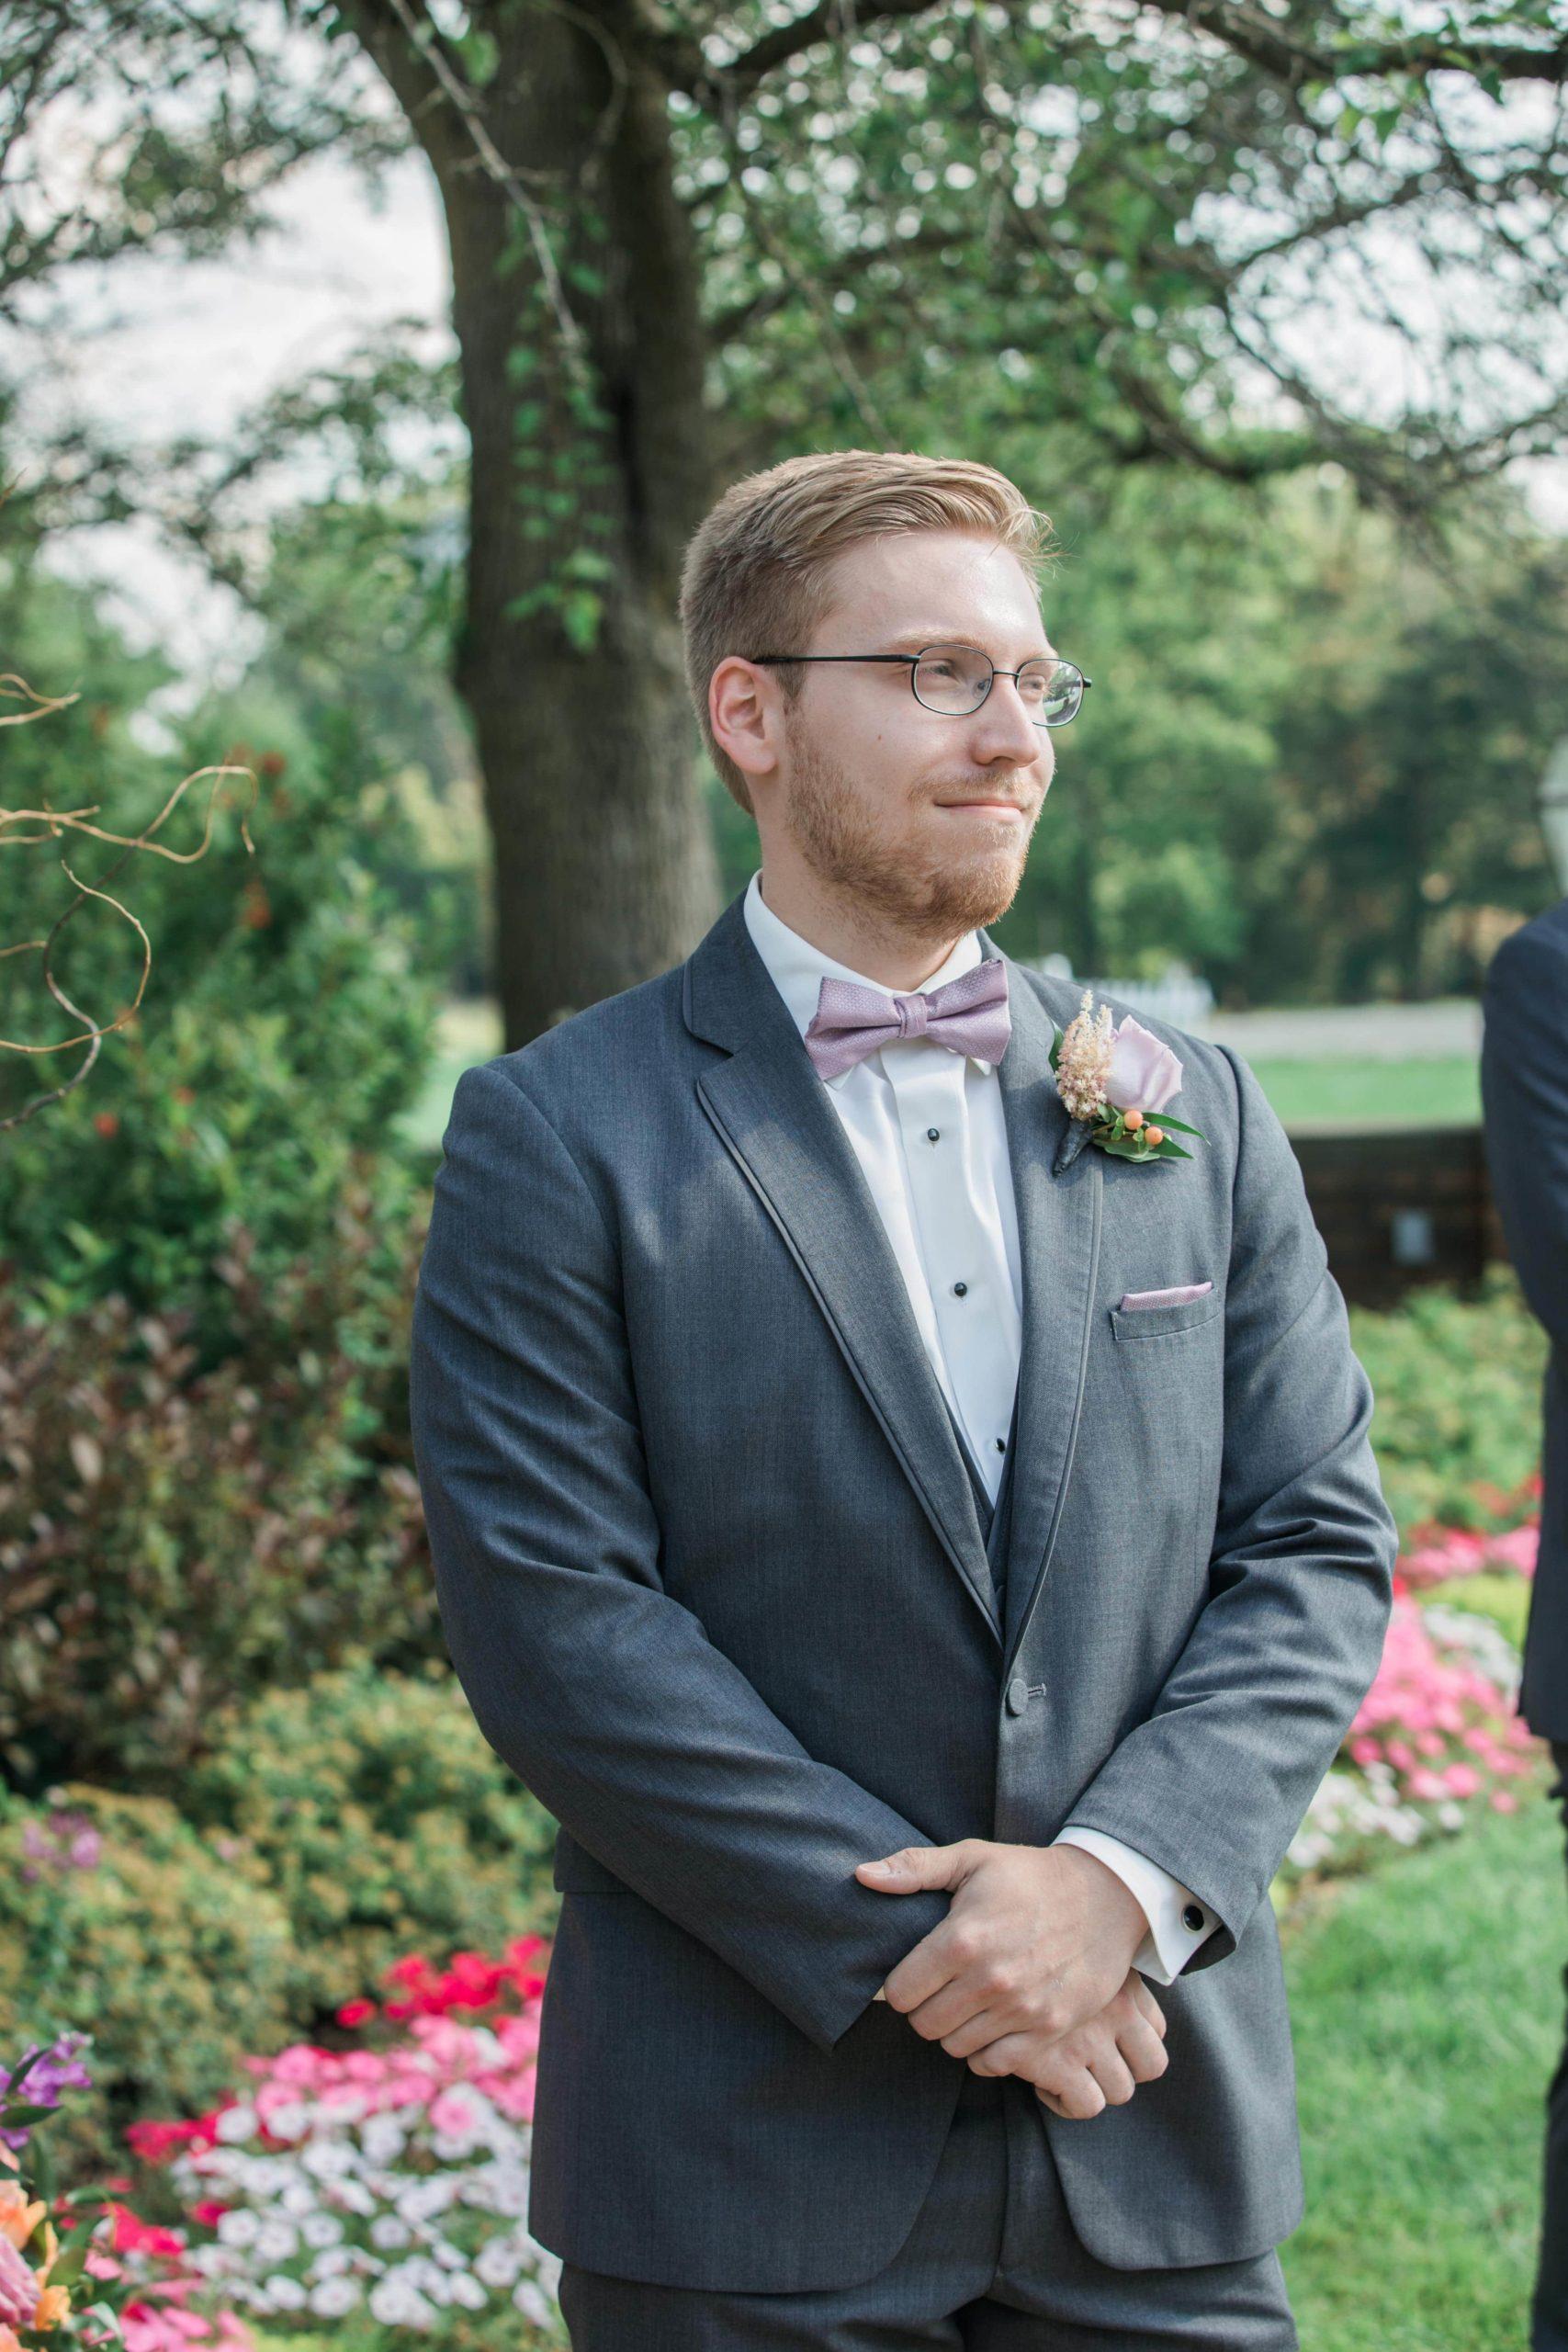 outdoor wedding ceremony groom